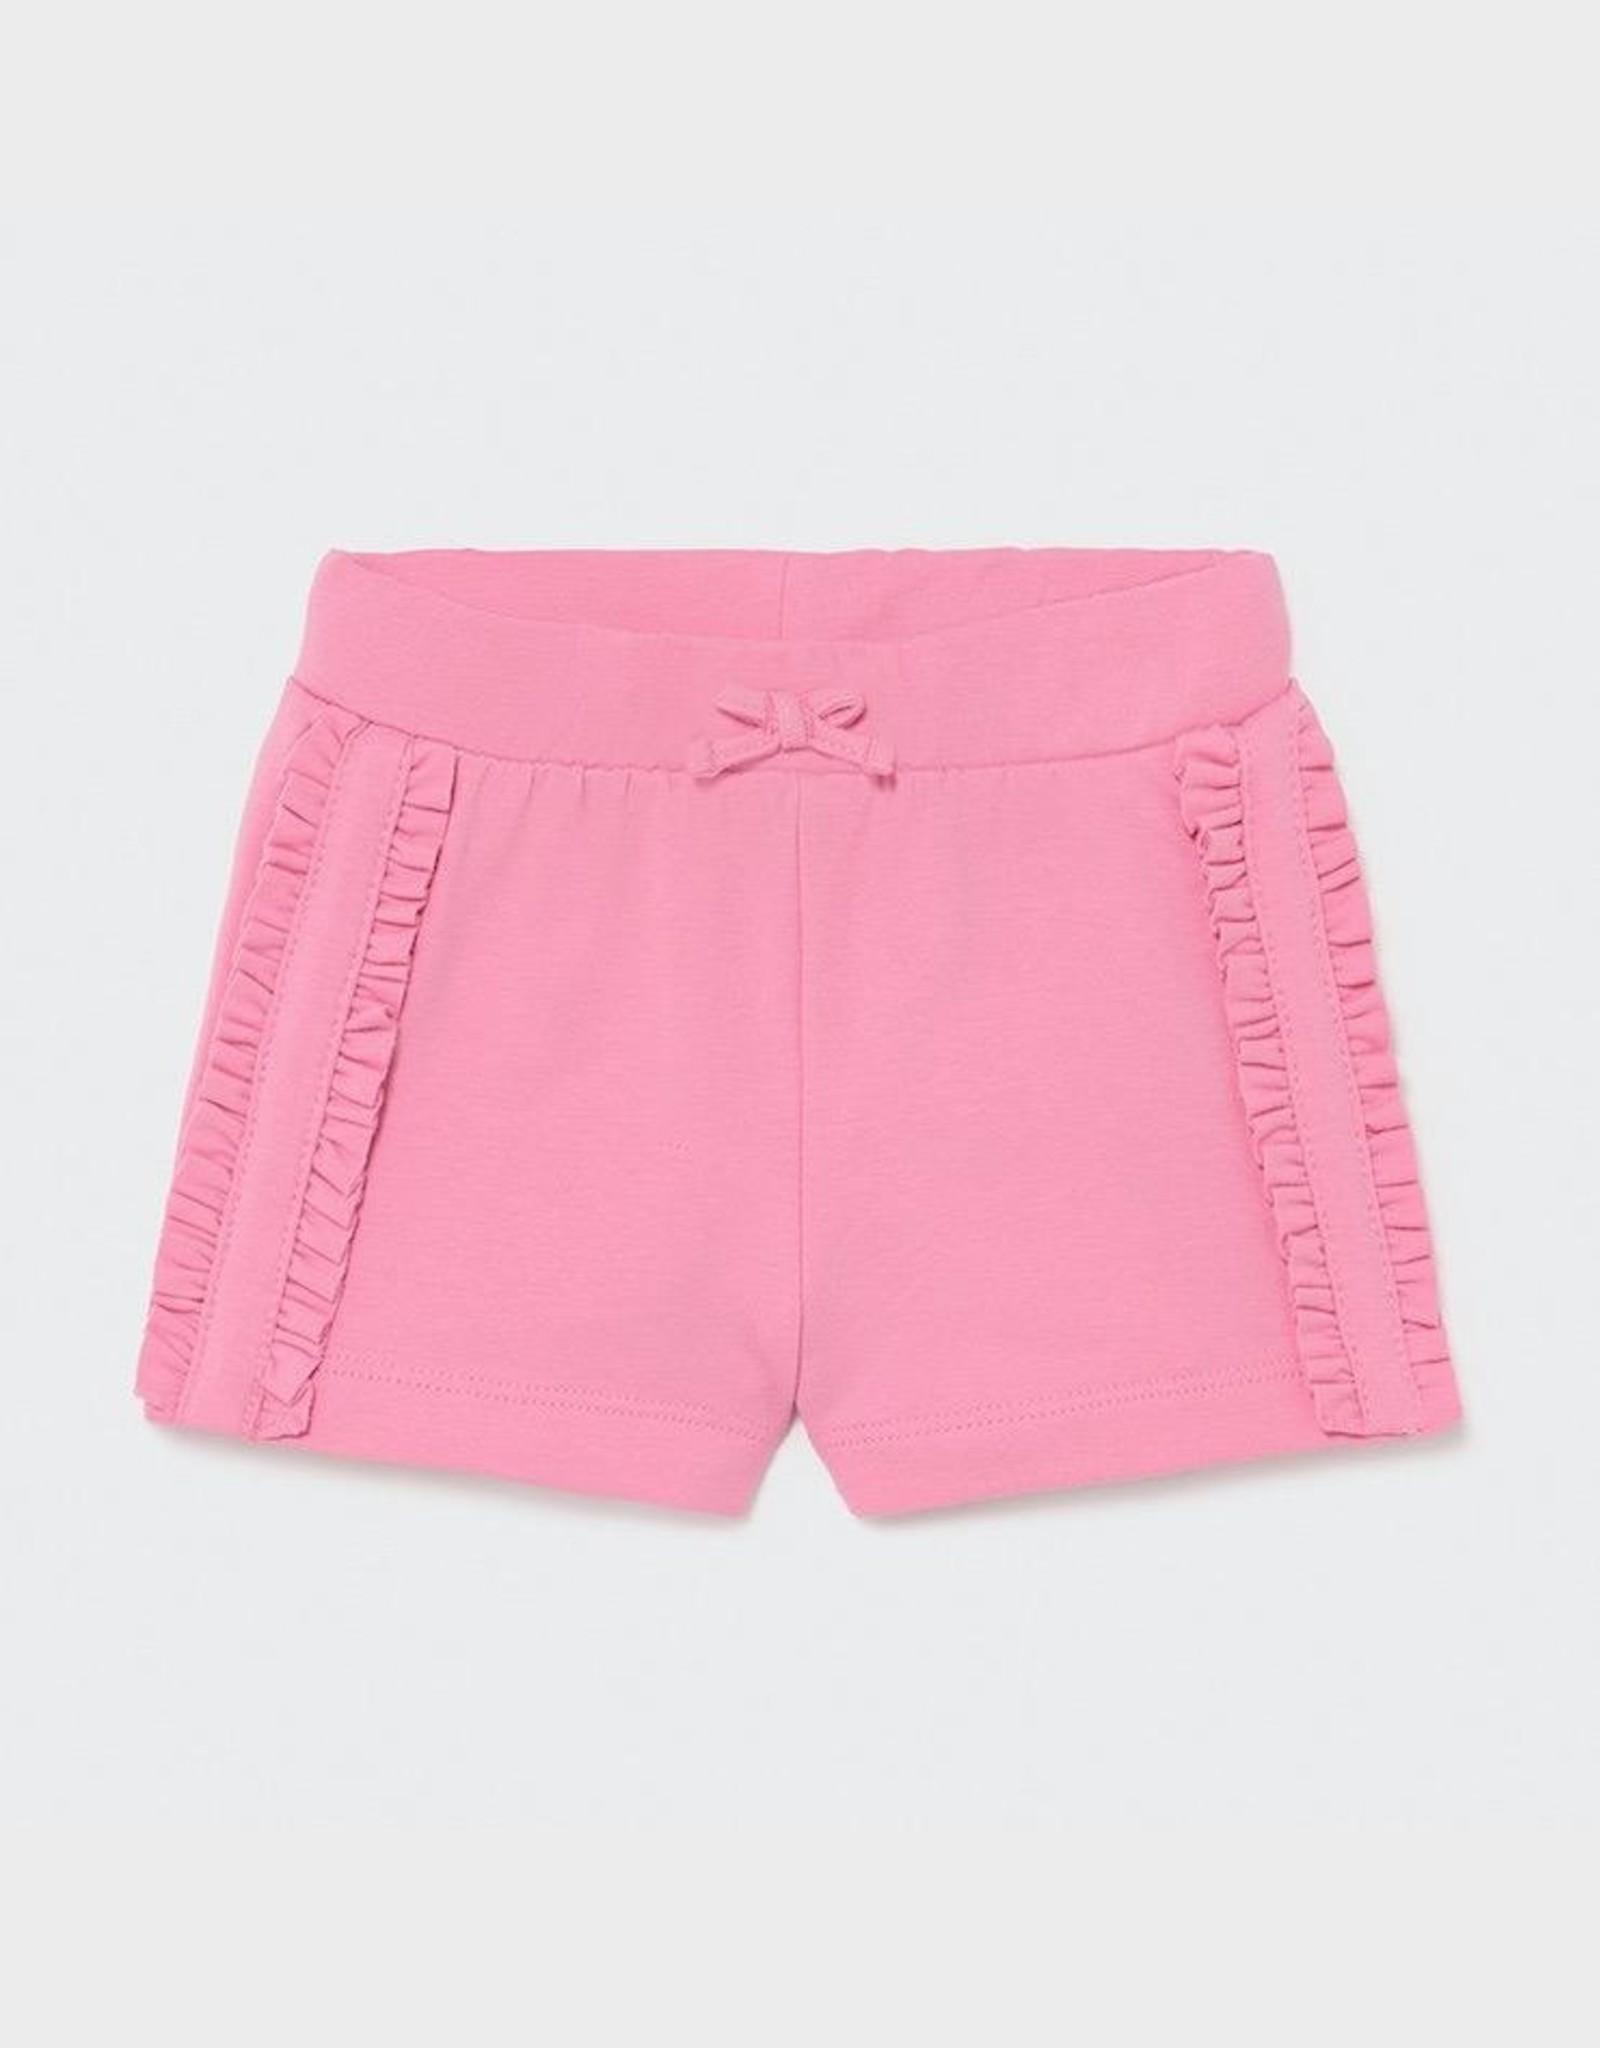 Mayoral Pink Ruffled Baby Shorts